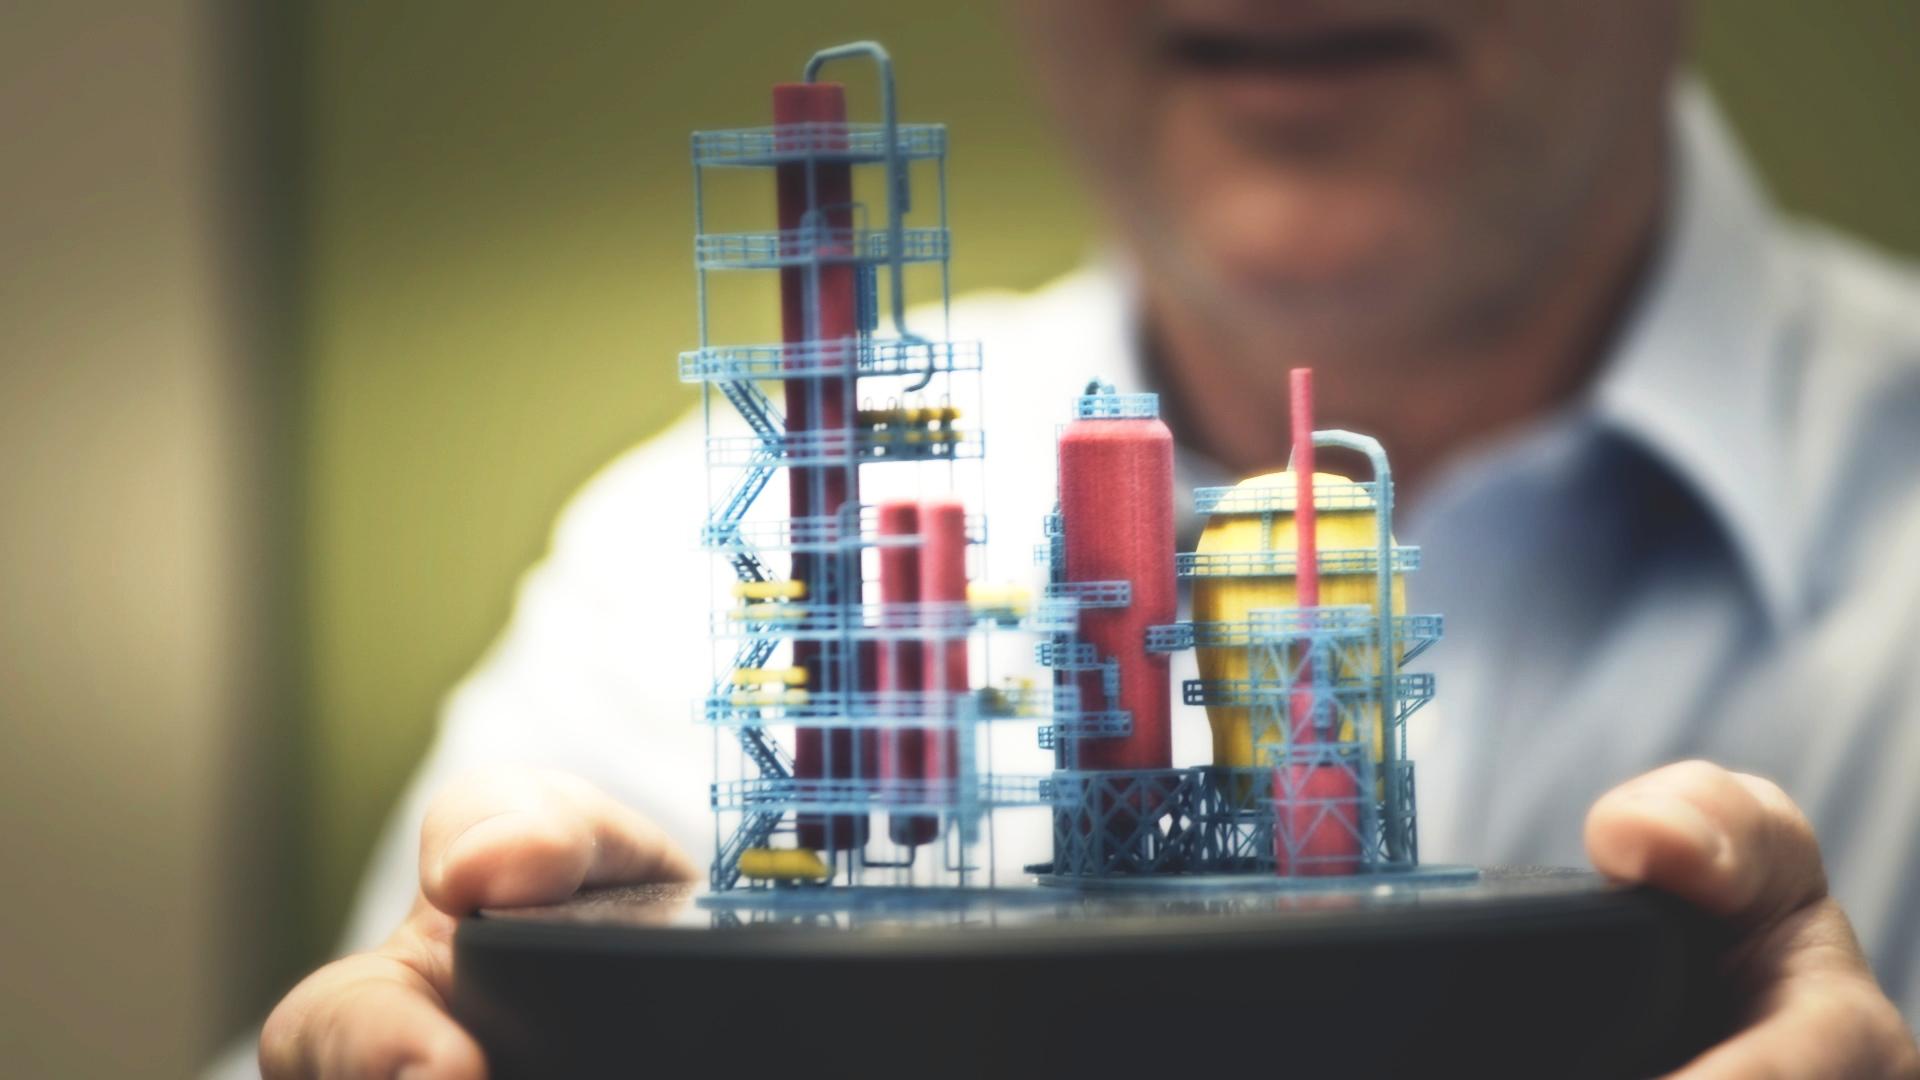 Самые полезные предметы, созданные на 3D-принтере